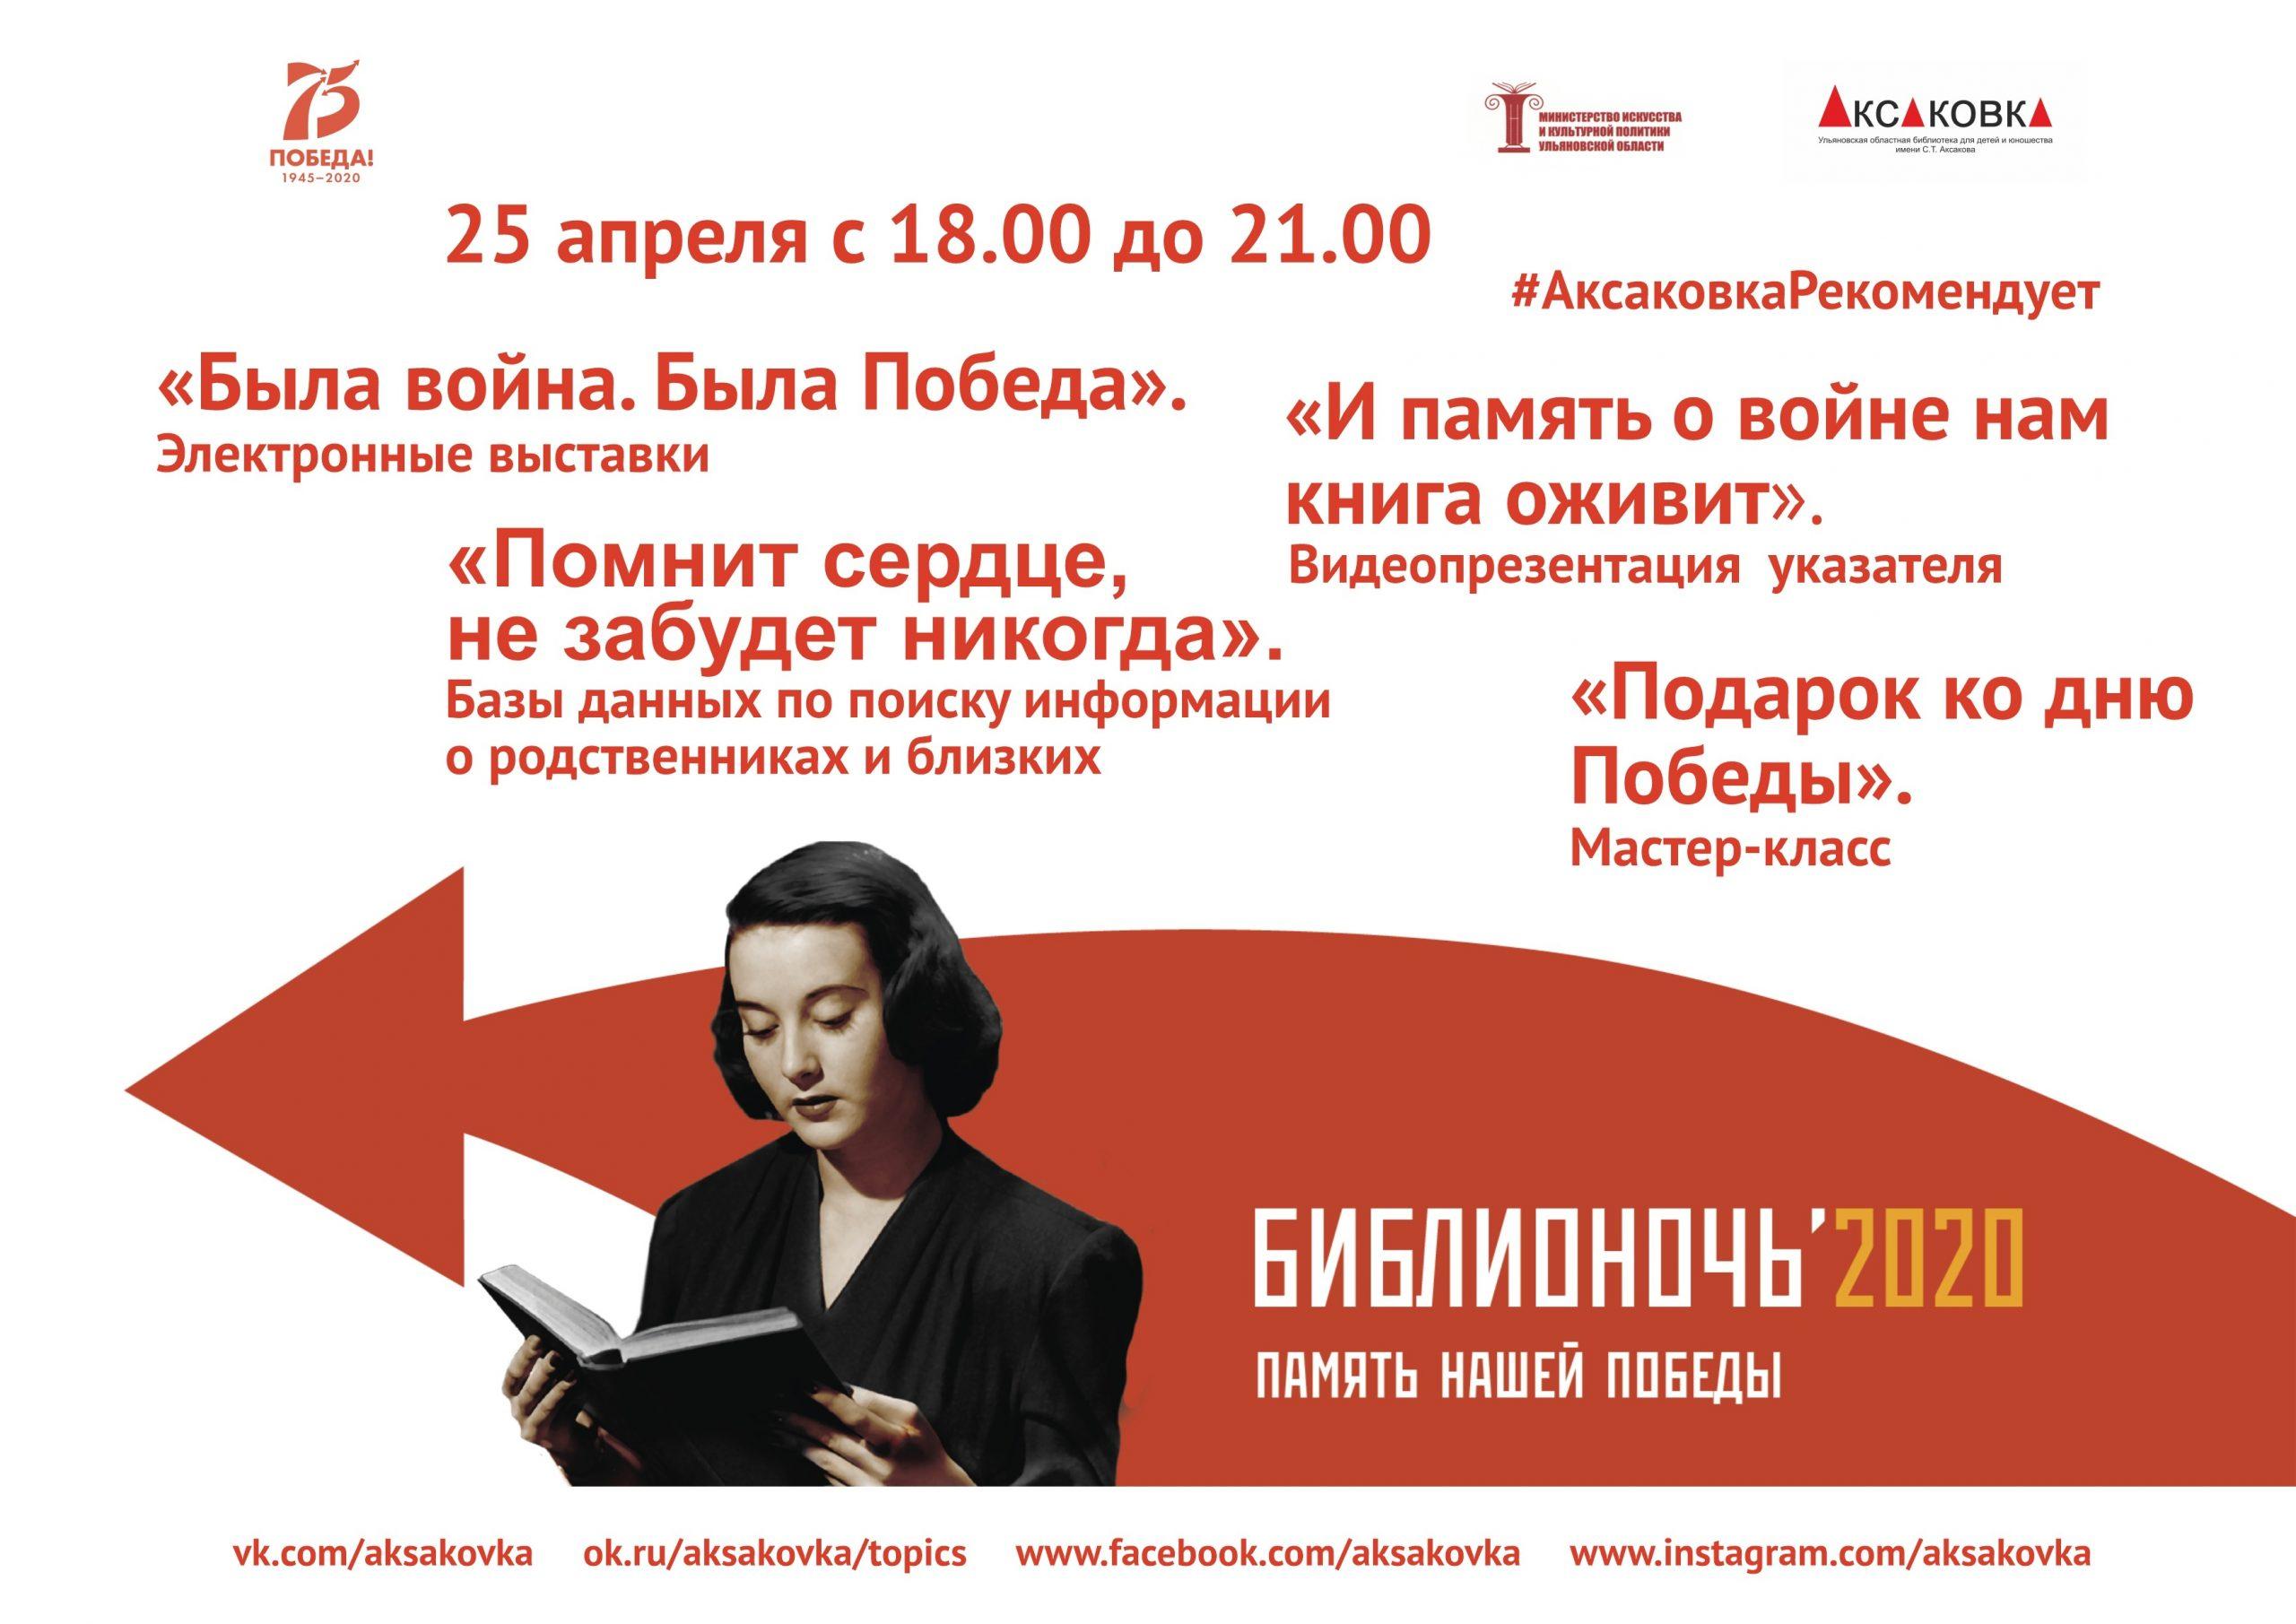 Библионочь 2020 в Аксаковке, онлайн